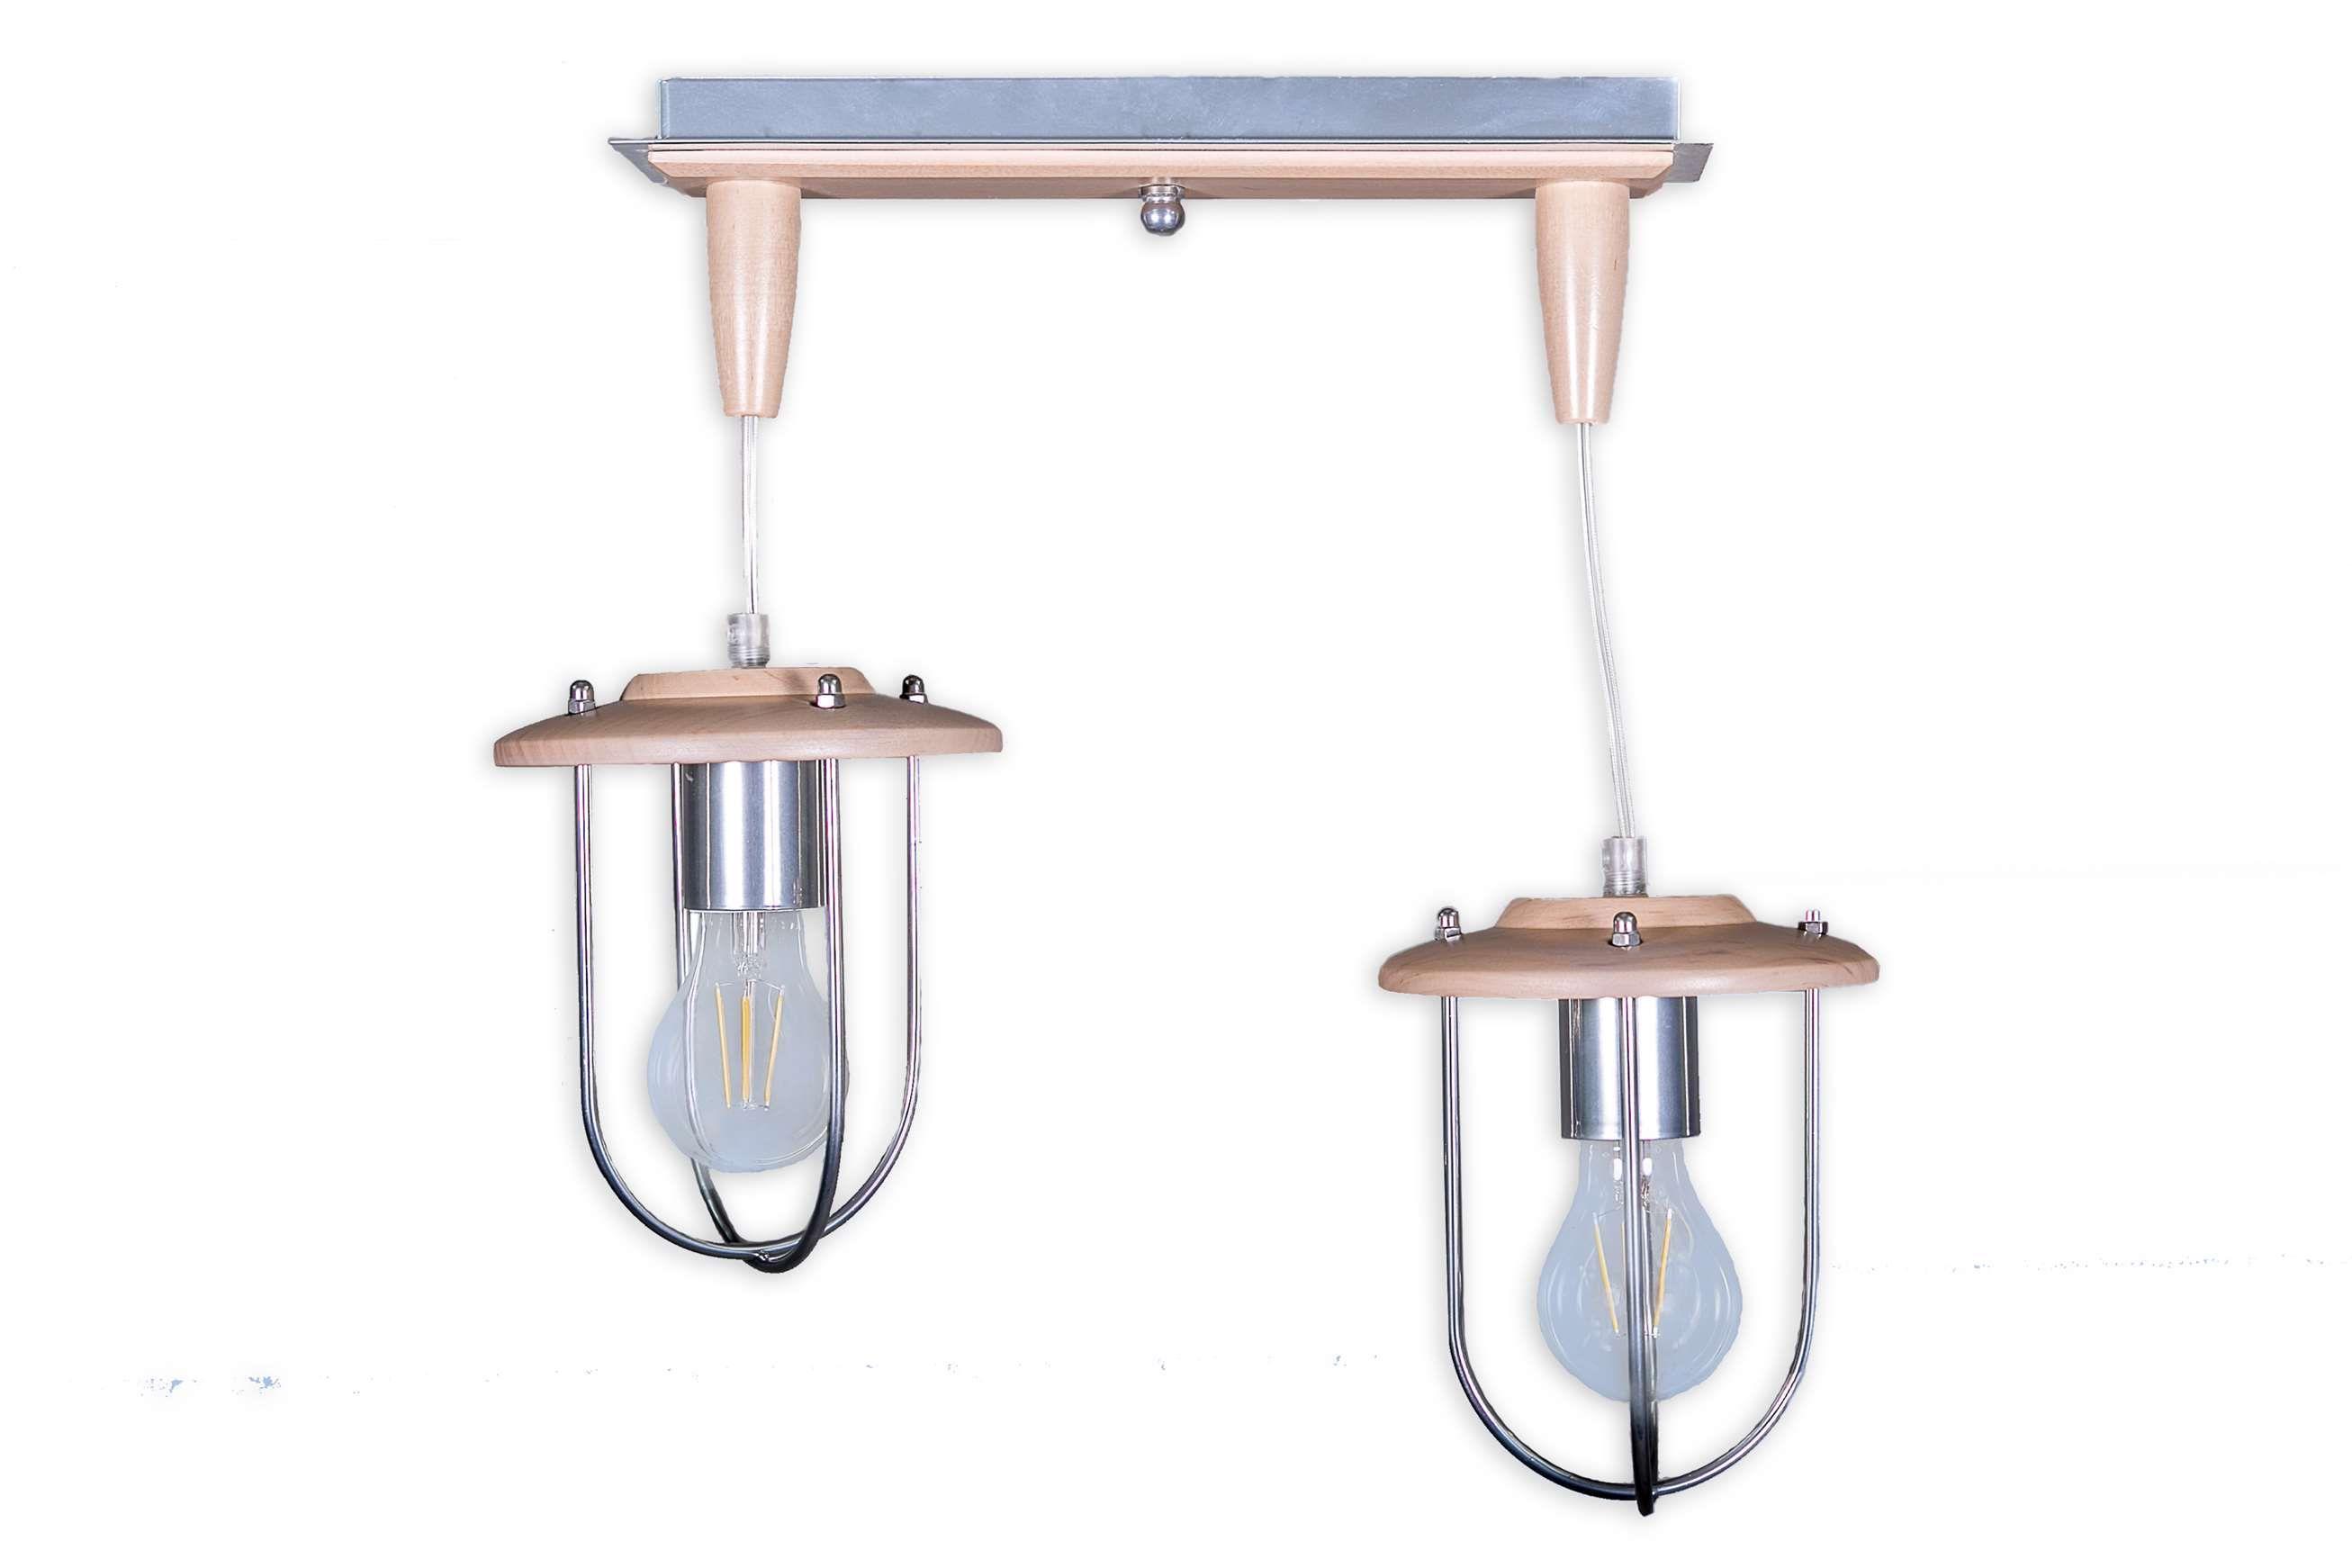 https://www.lampystojan.pl/uploads/Lampy metalowe z drewnianymi wykończeniami NOWOCZESNE